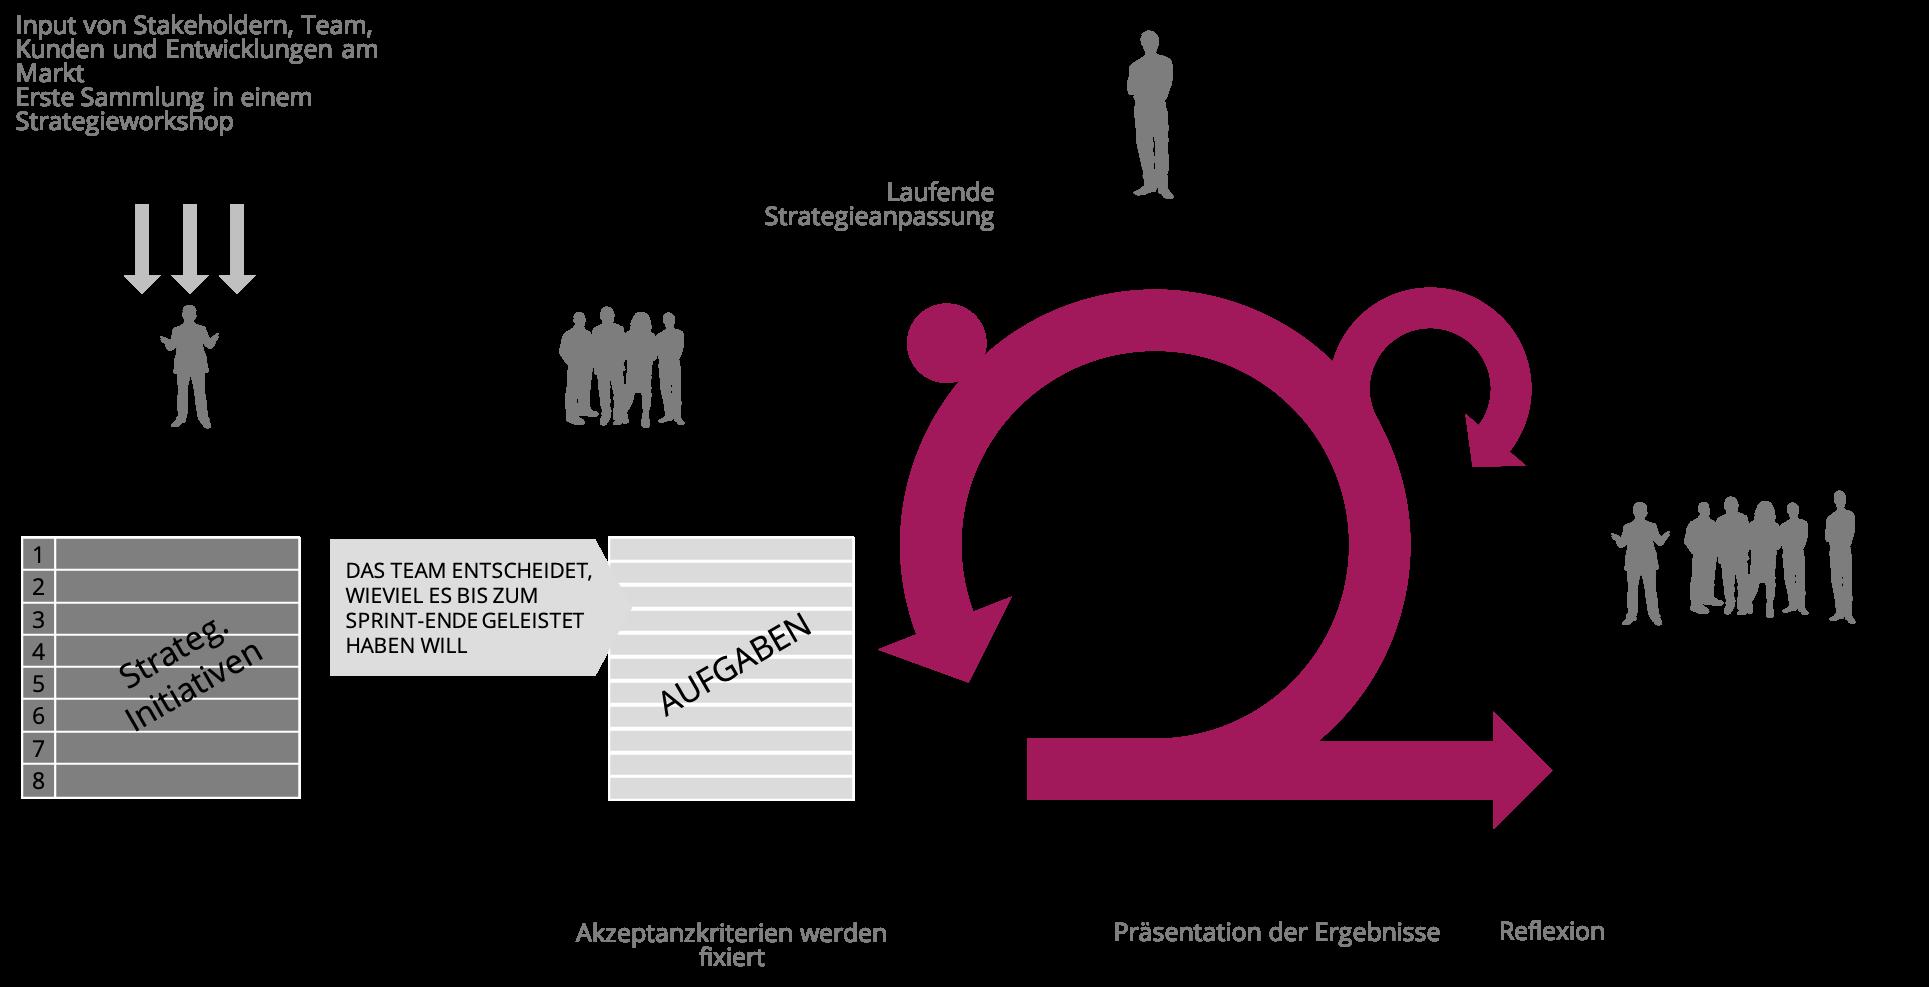 Agile Coaches begleiten die Implementierung zukunftsstarker Strategien